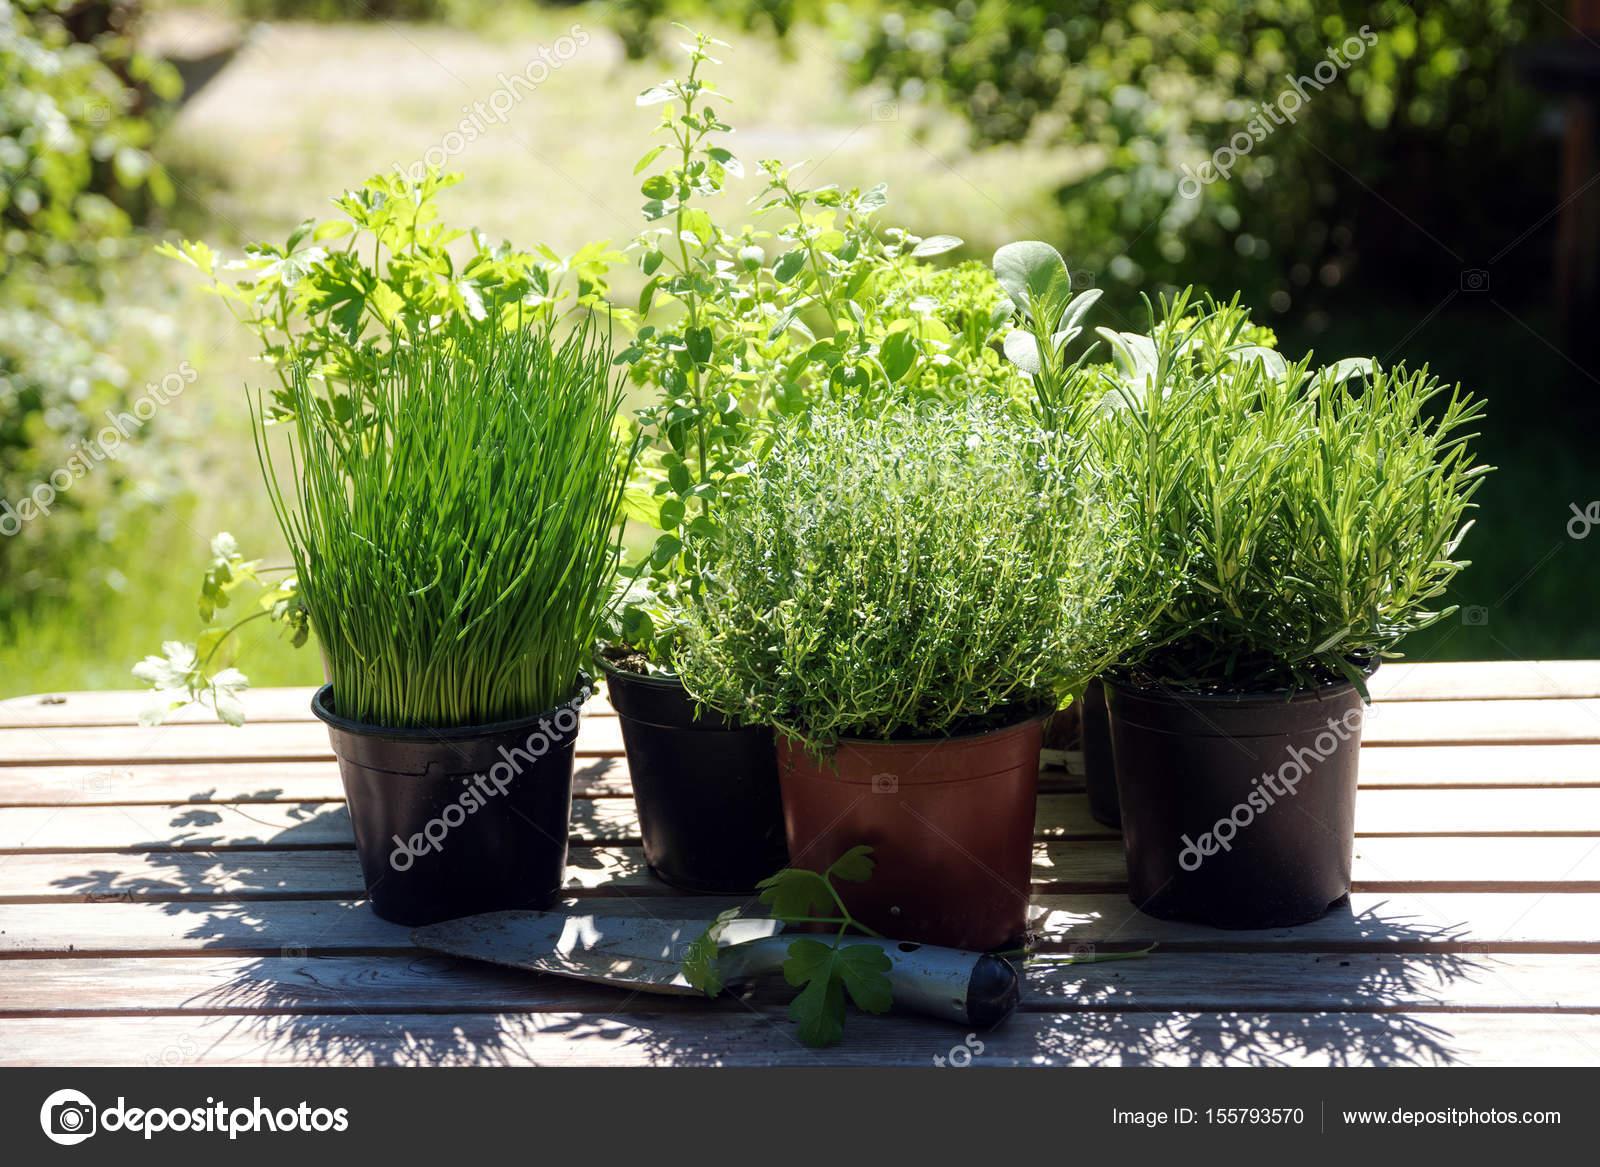 Cucina in vaso piante aromatiche come rosmarino, timo, prezzemolo ...